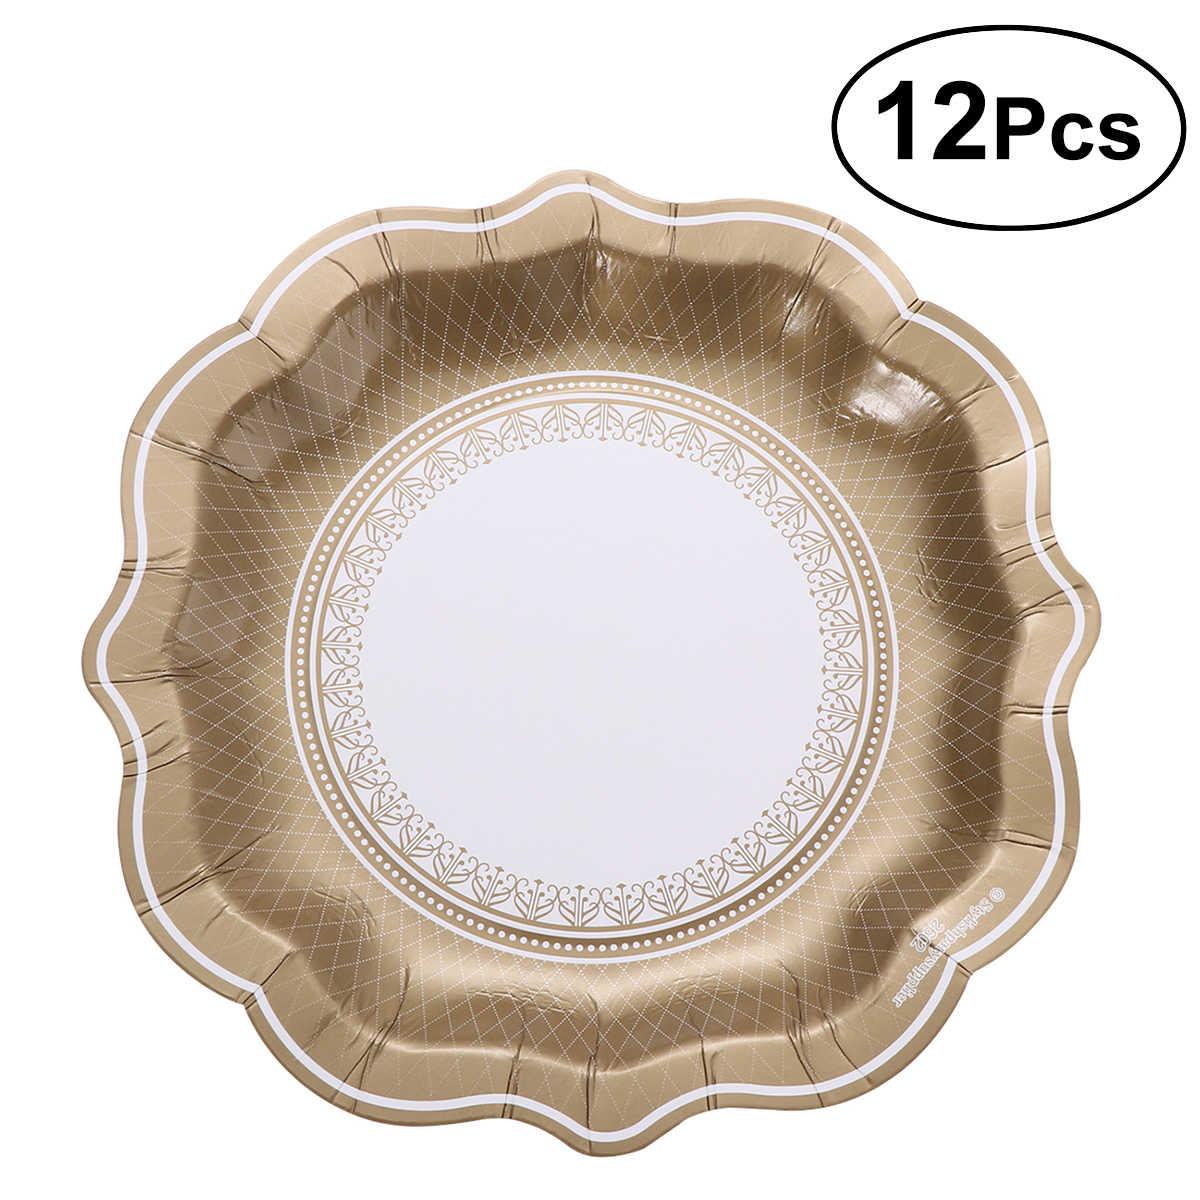 ROSENICE 12 adet tek kullanımlık parti plakaları avrupa tarzı kağıt tabaklar parti sofra piknik barbekü partisi